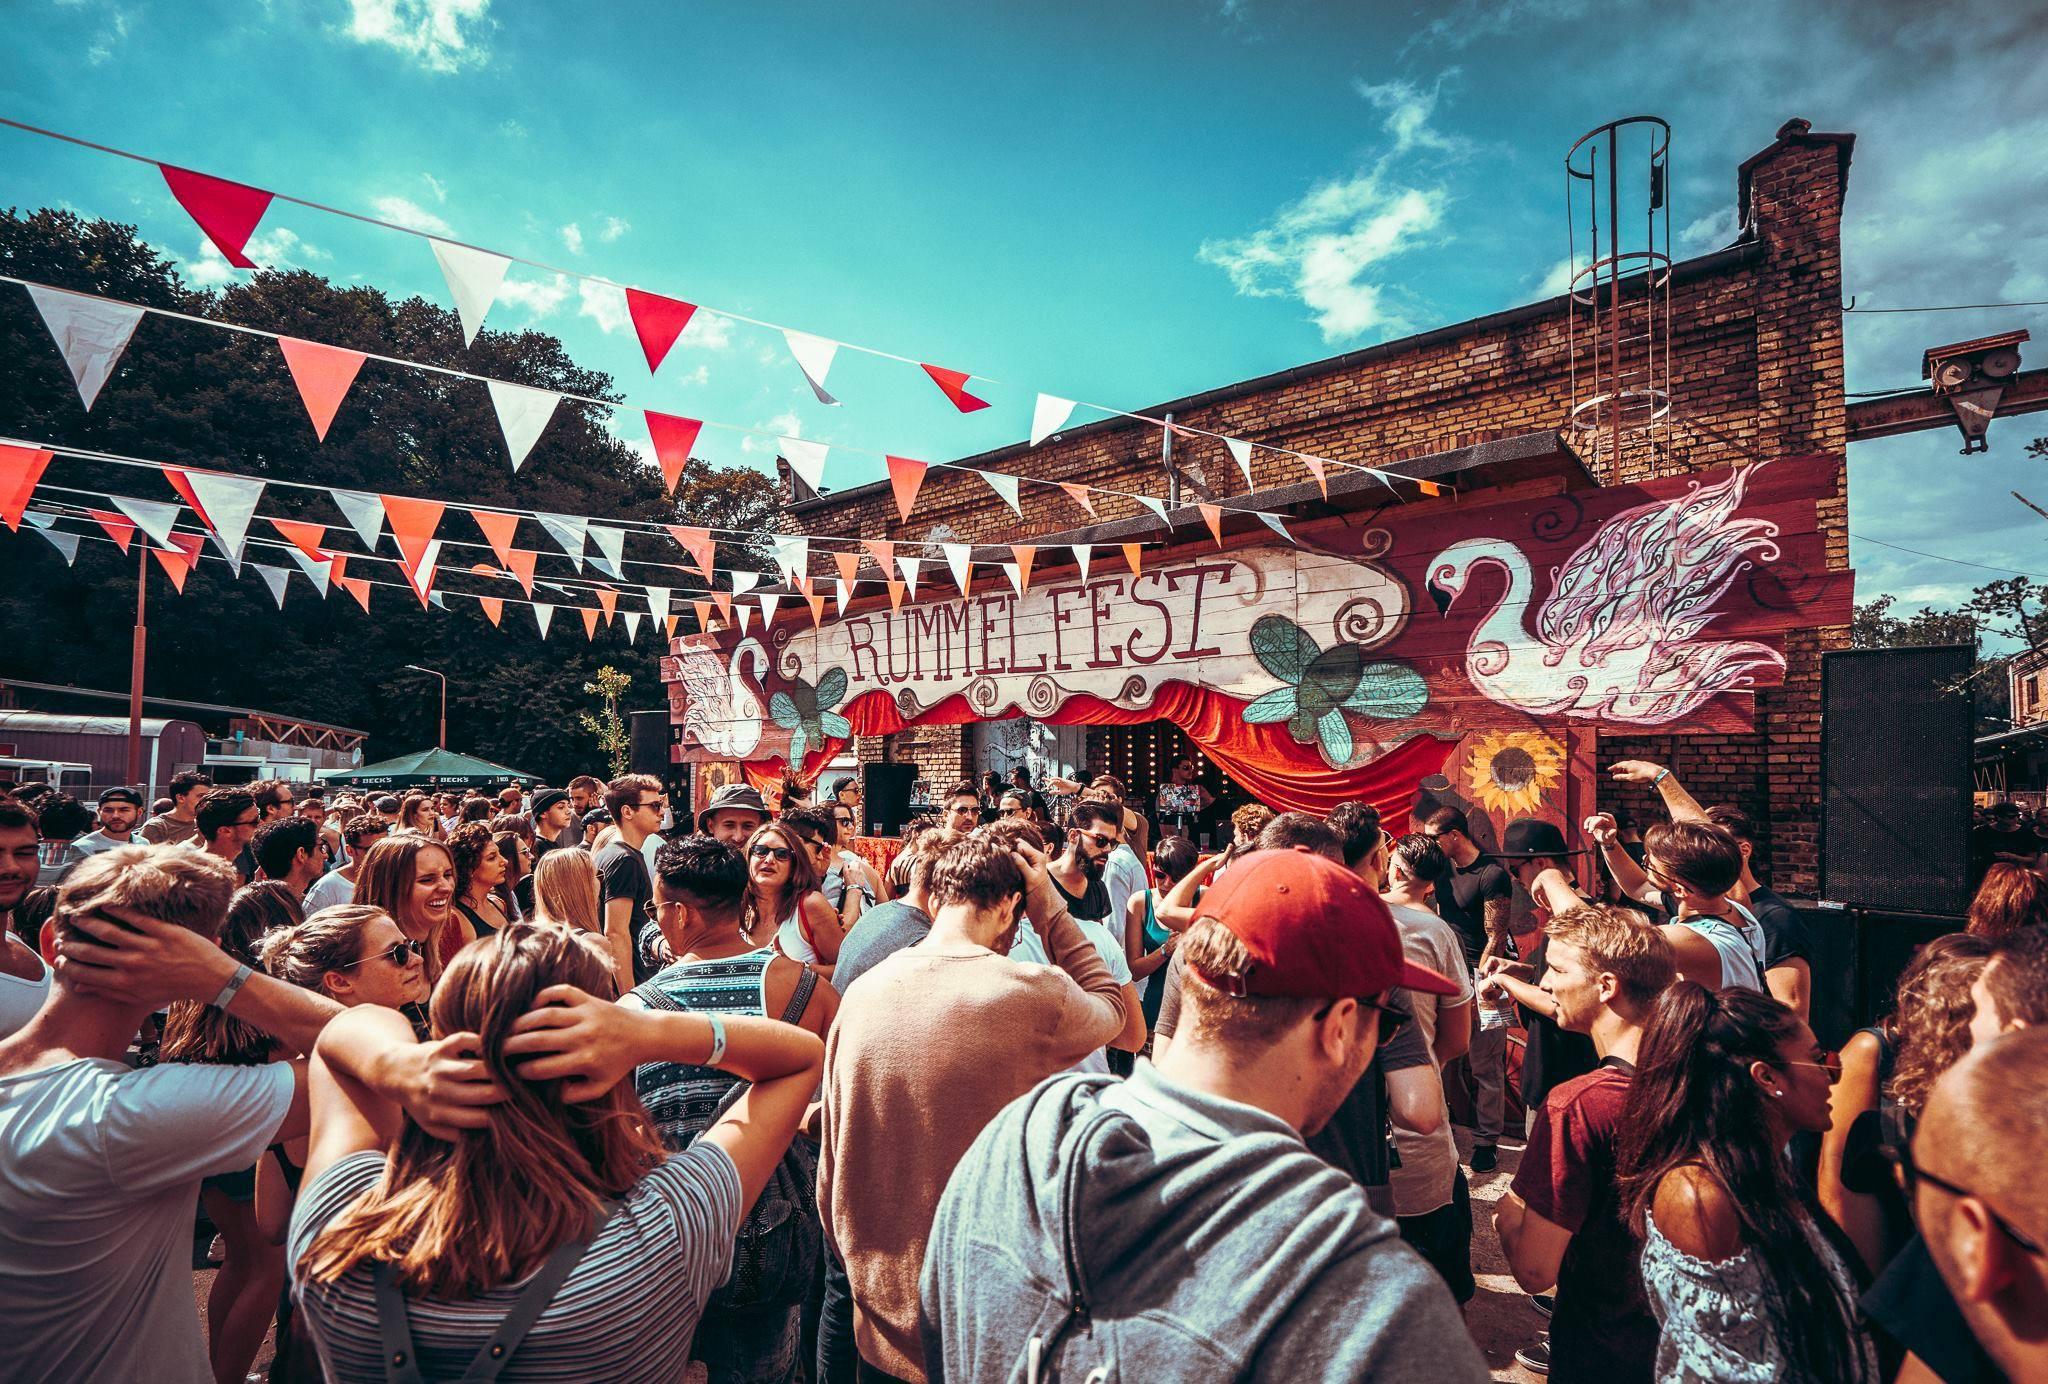 Festival Kommune2010